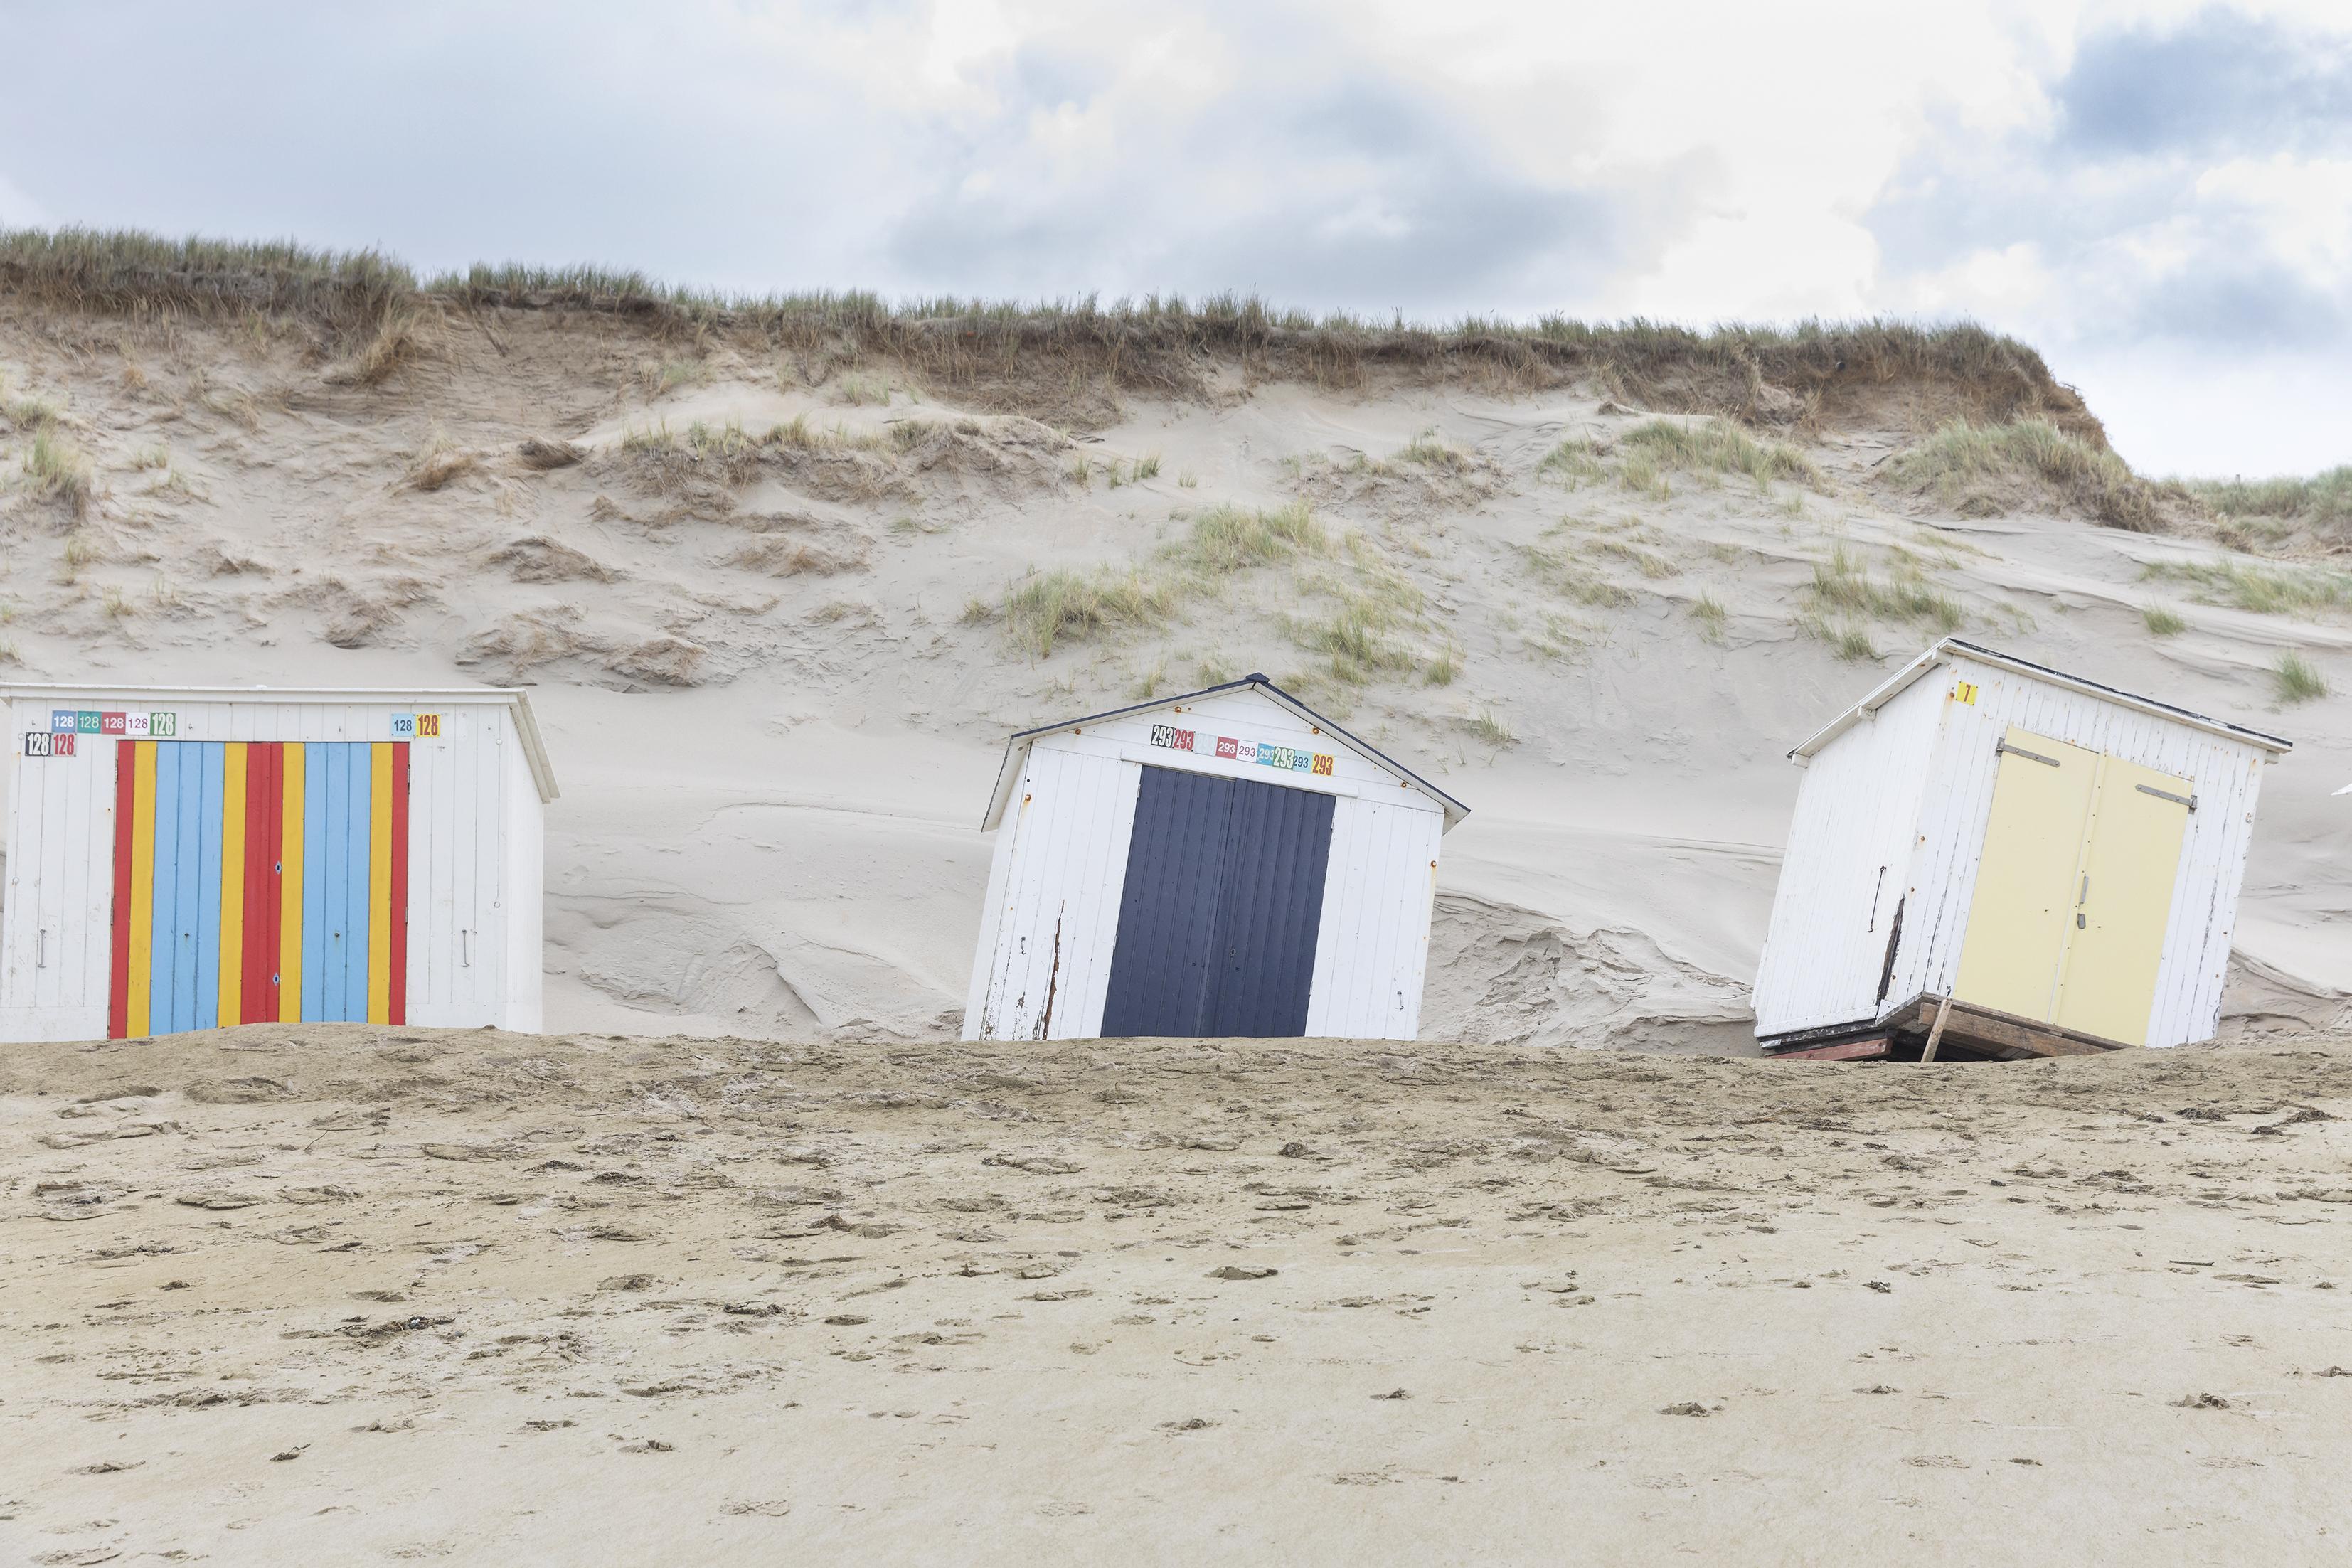 Zee heeft vrij spel rond Texelse strandhuisjes, die schots en scheef achterblijven. De volgende zandsuppletie is in 2021